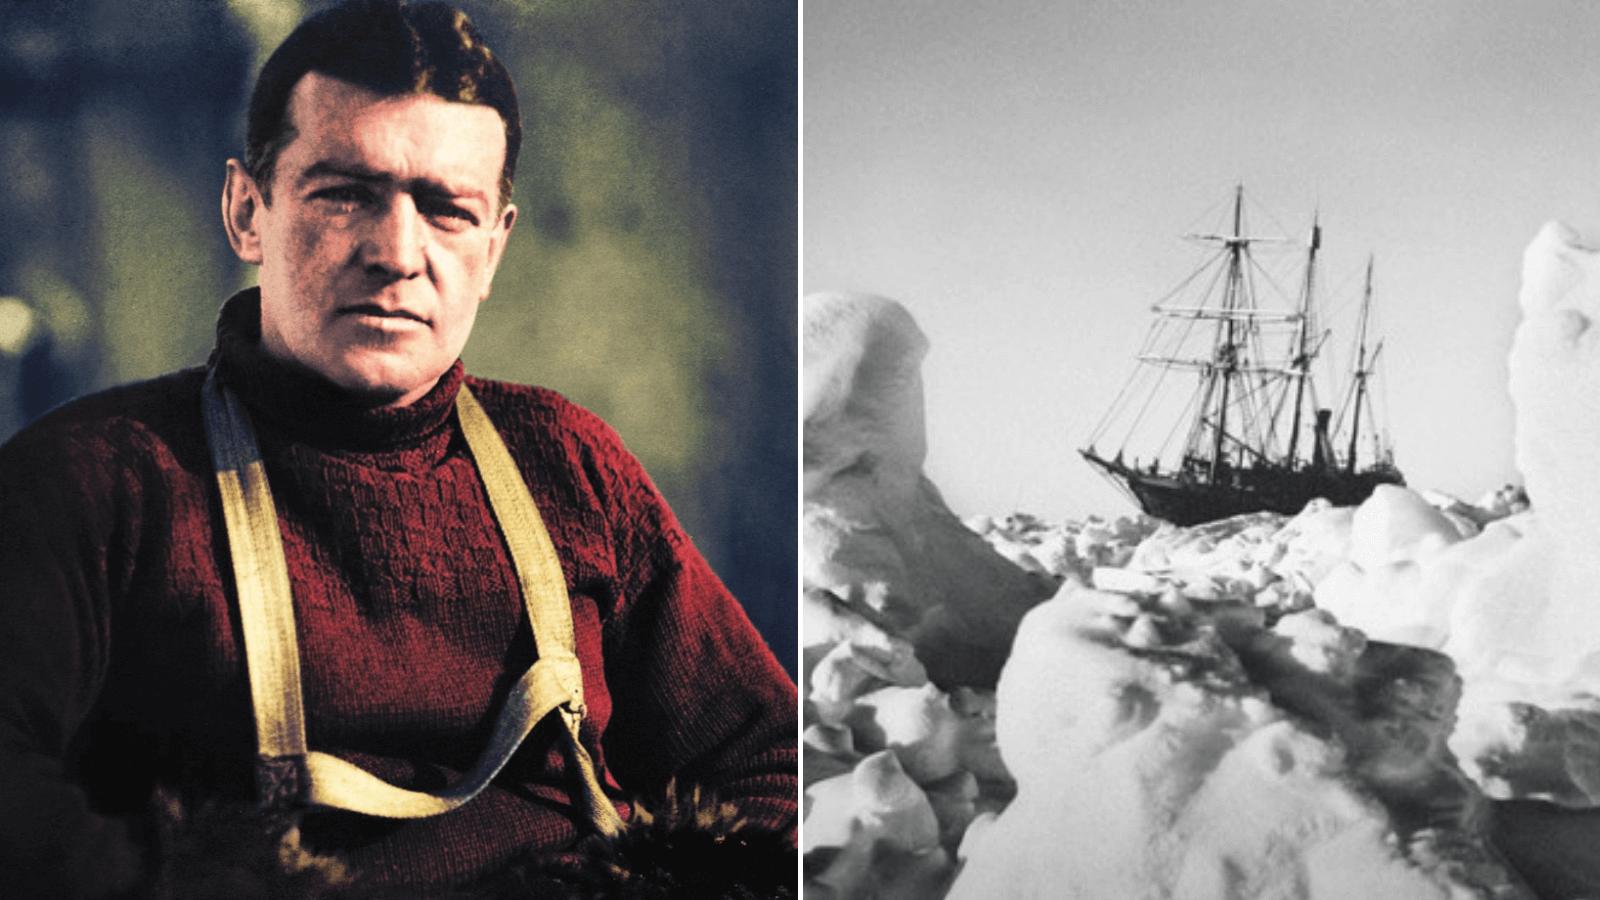 La hazaña del explorador Shackleton Sobrevivió 20 meses confinado en la Antártida luego de que su barco se hundiera en 1915 5